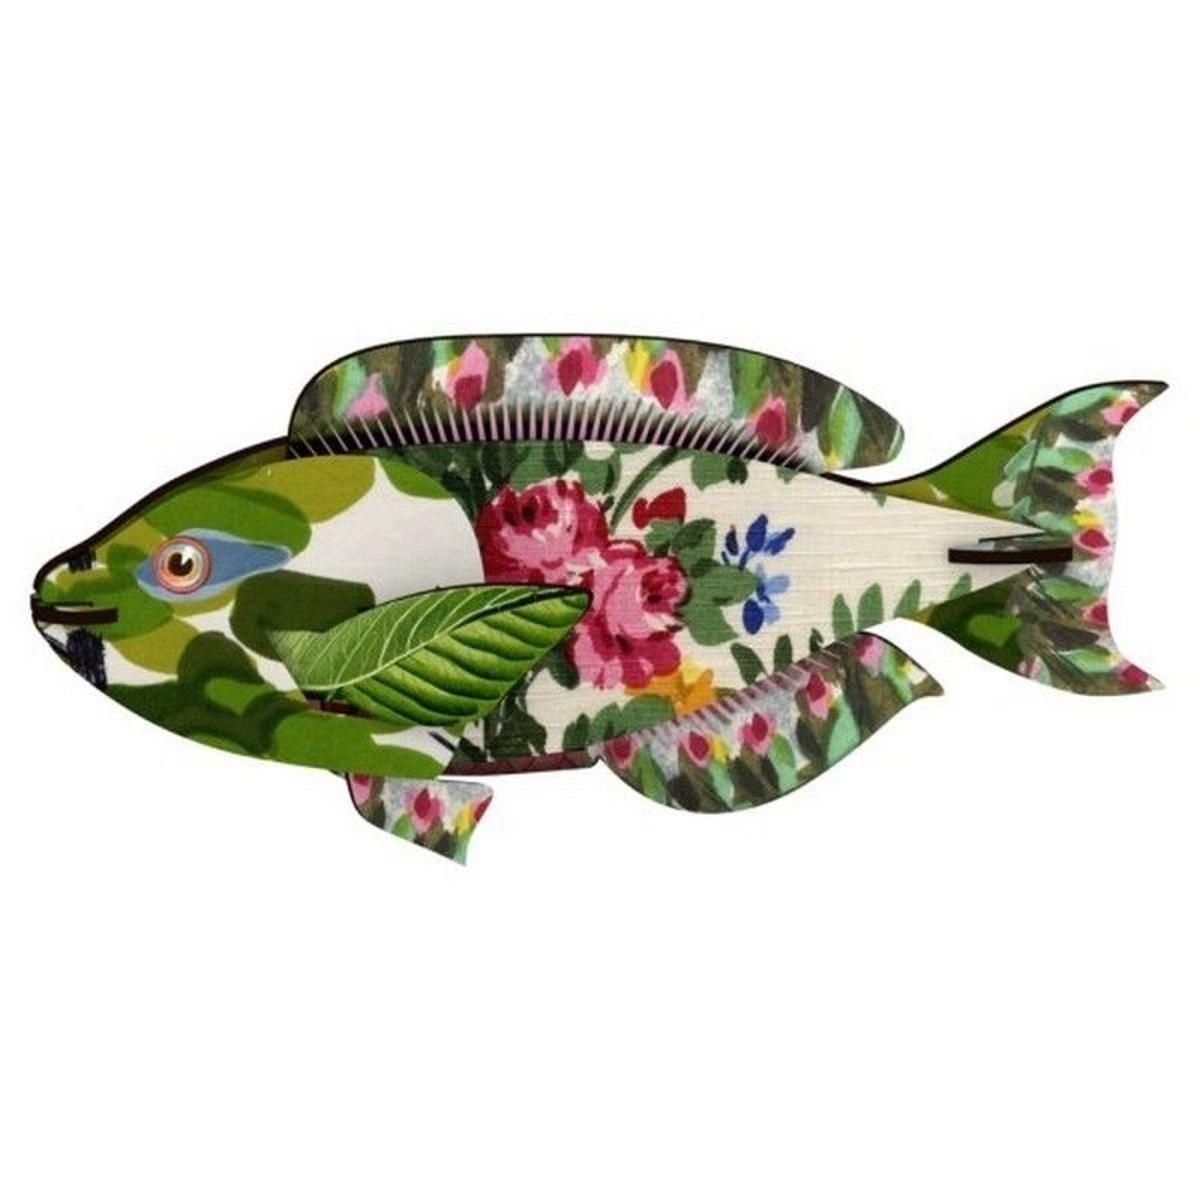 Décoration murale trophée poisson bois Seaweed Joke